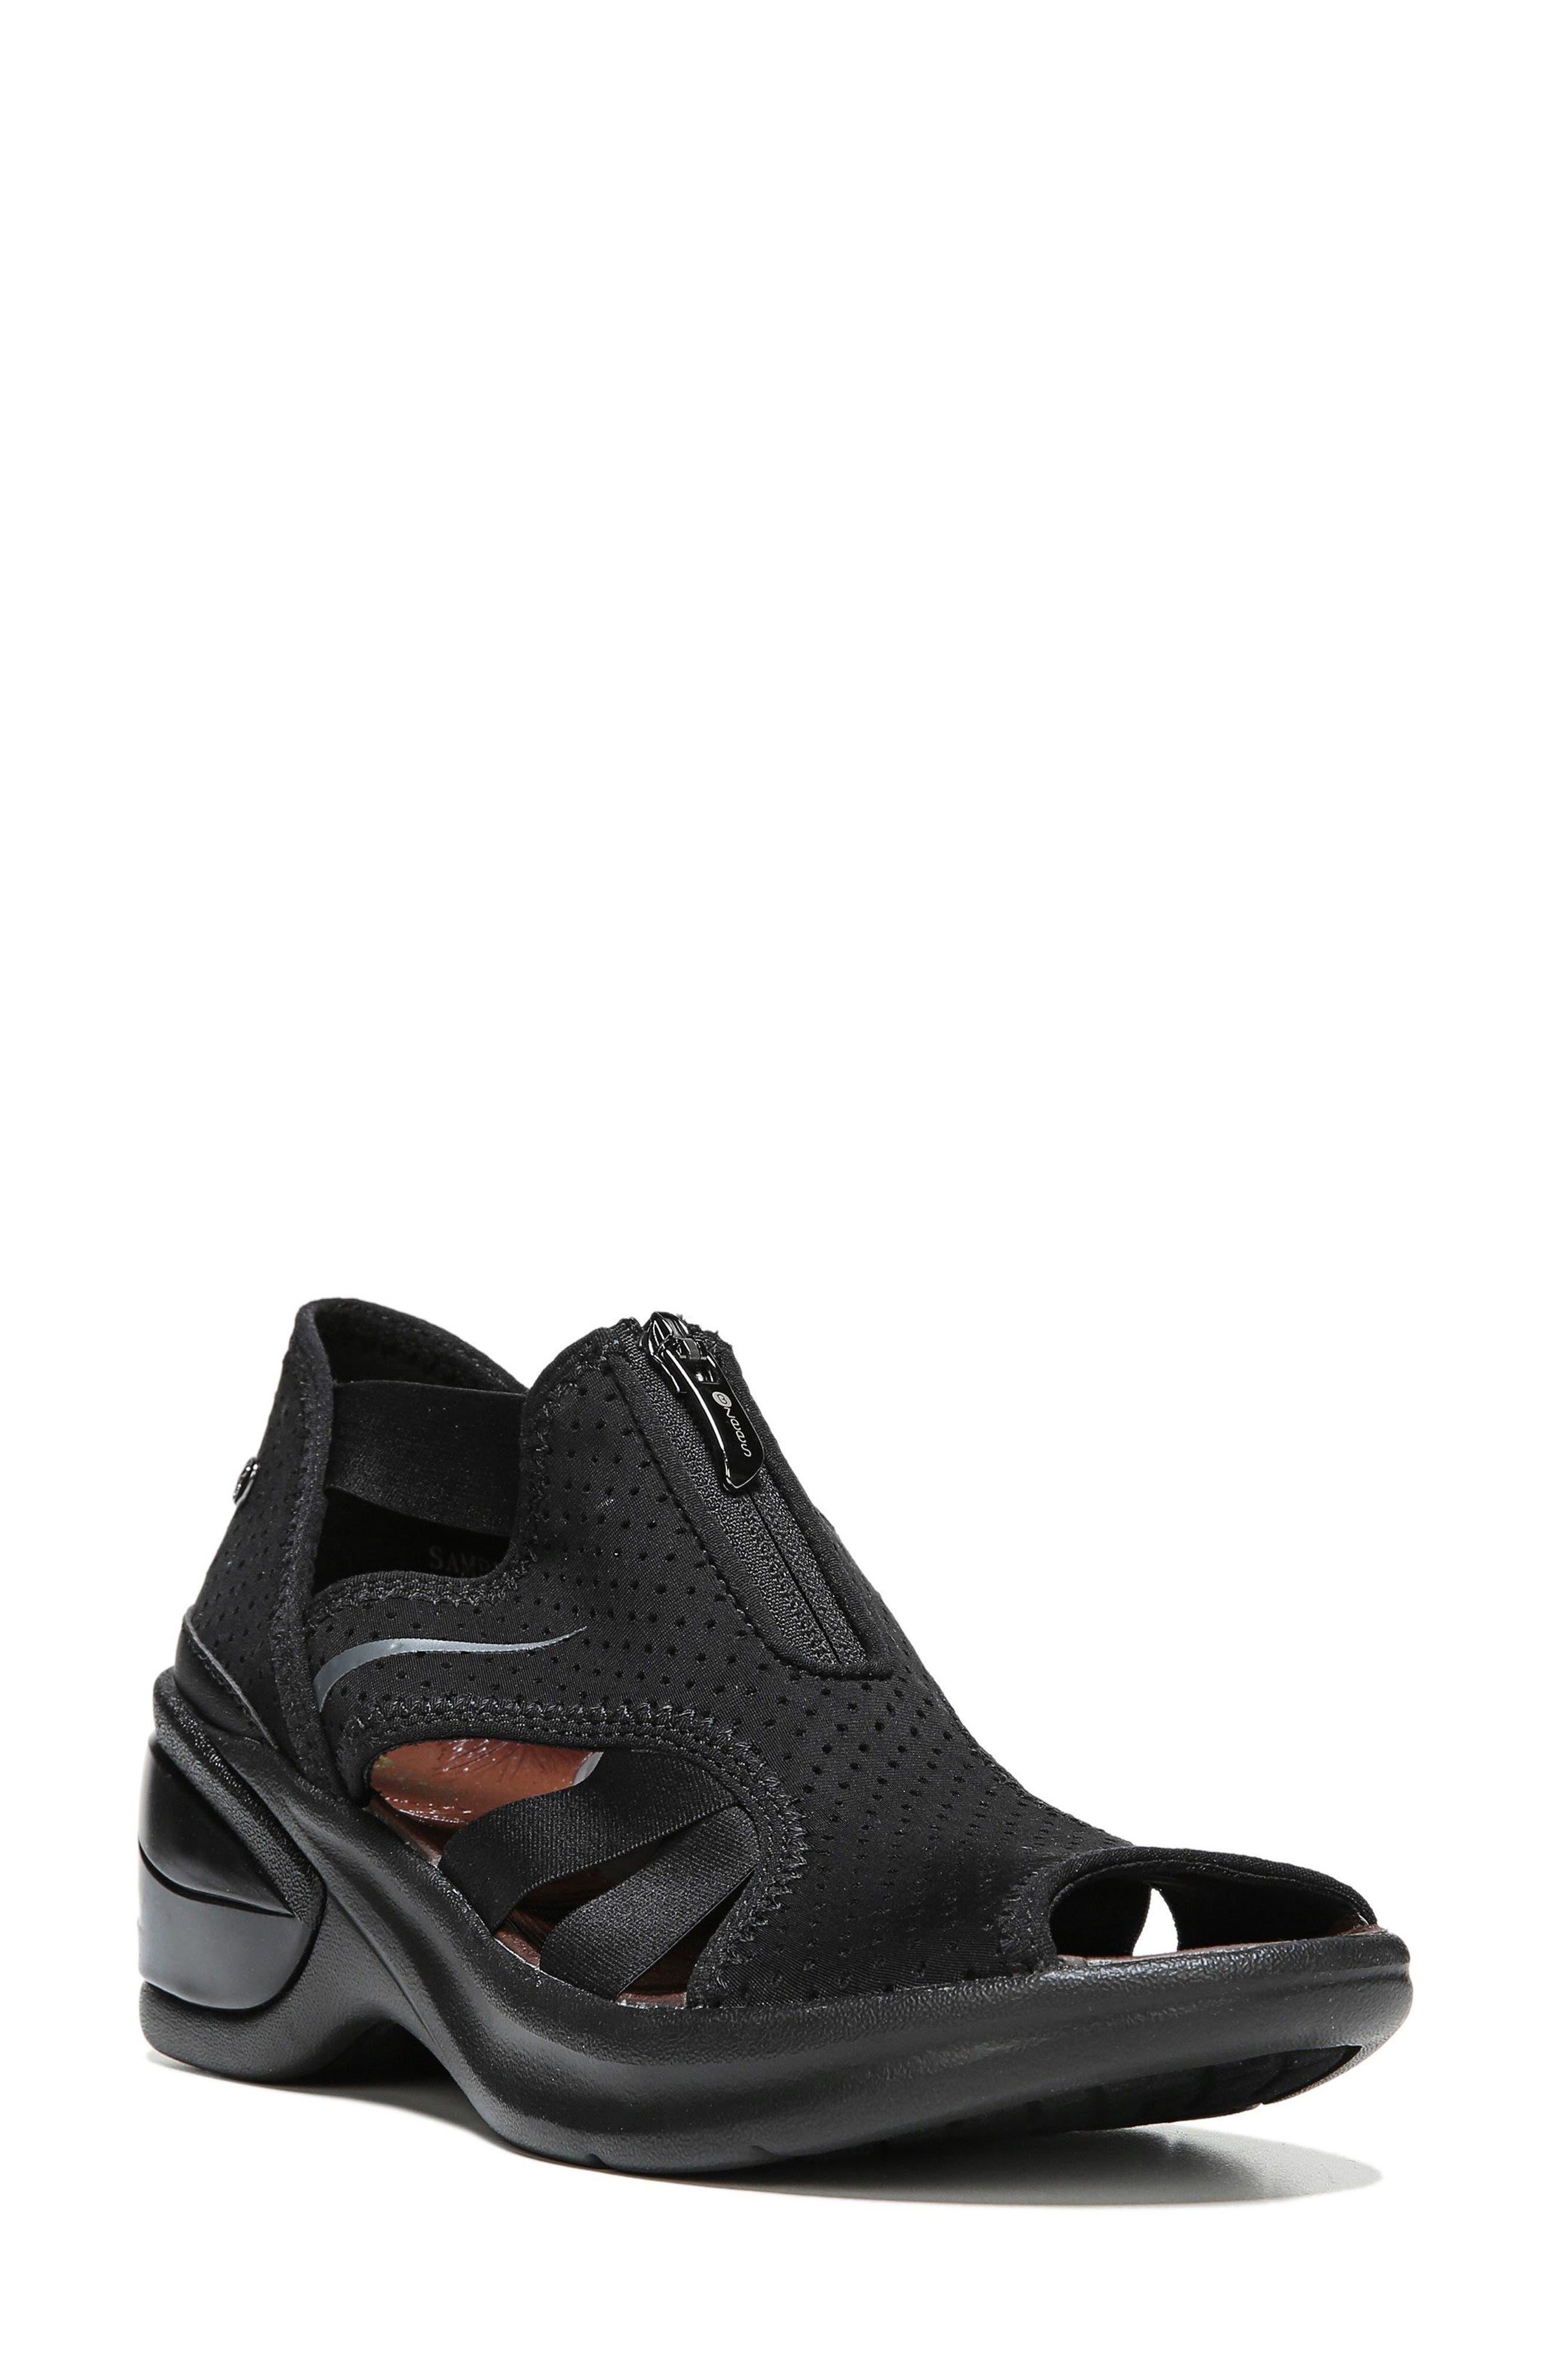 Krave Sandal,                             Main thumbnail 1, color,                             BLACK FABRIC